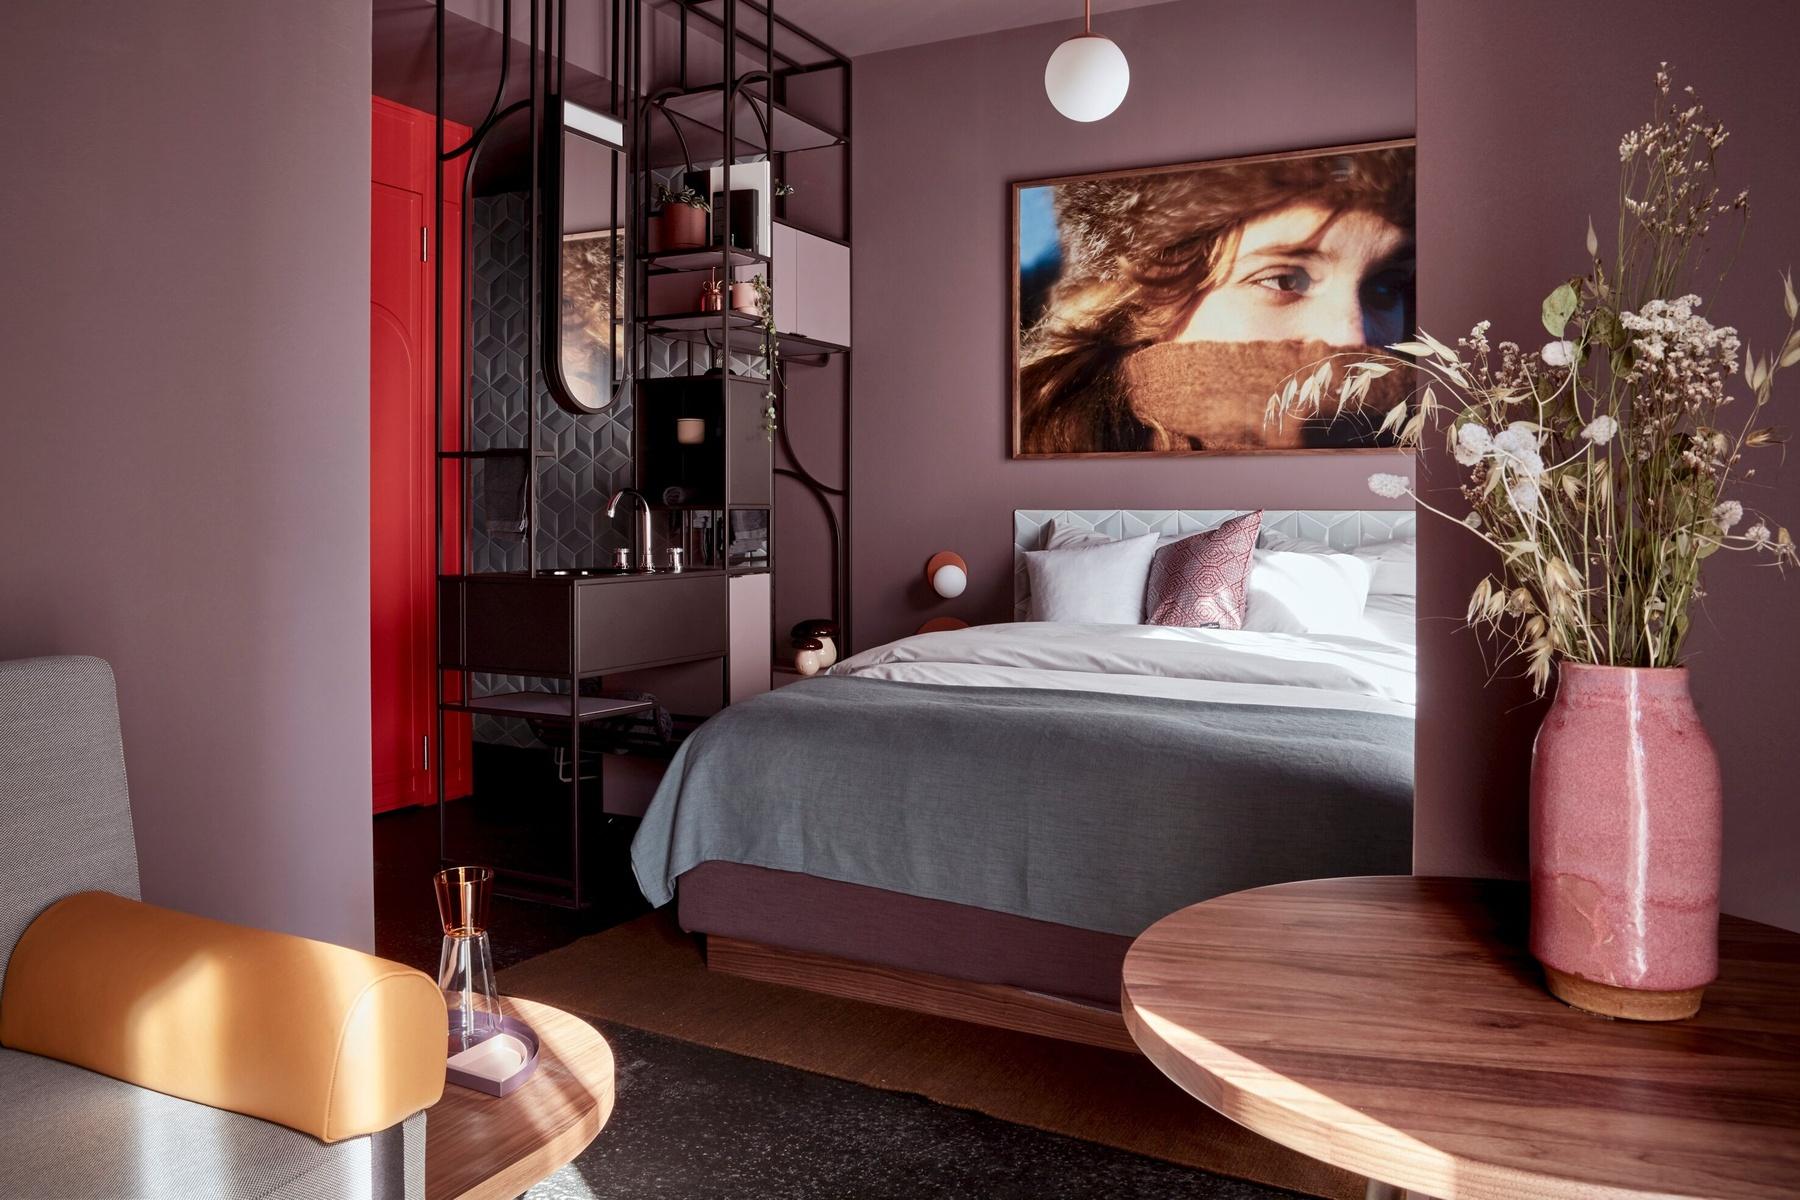 Bild: https://www.deutsches-architektur-forum.de/pics/schmittchen/lindenberg-lindley_pressepic_3.jpg